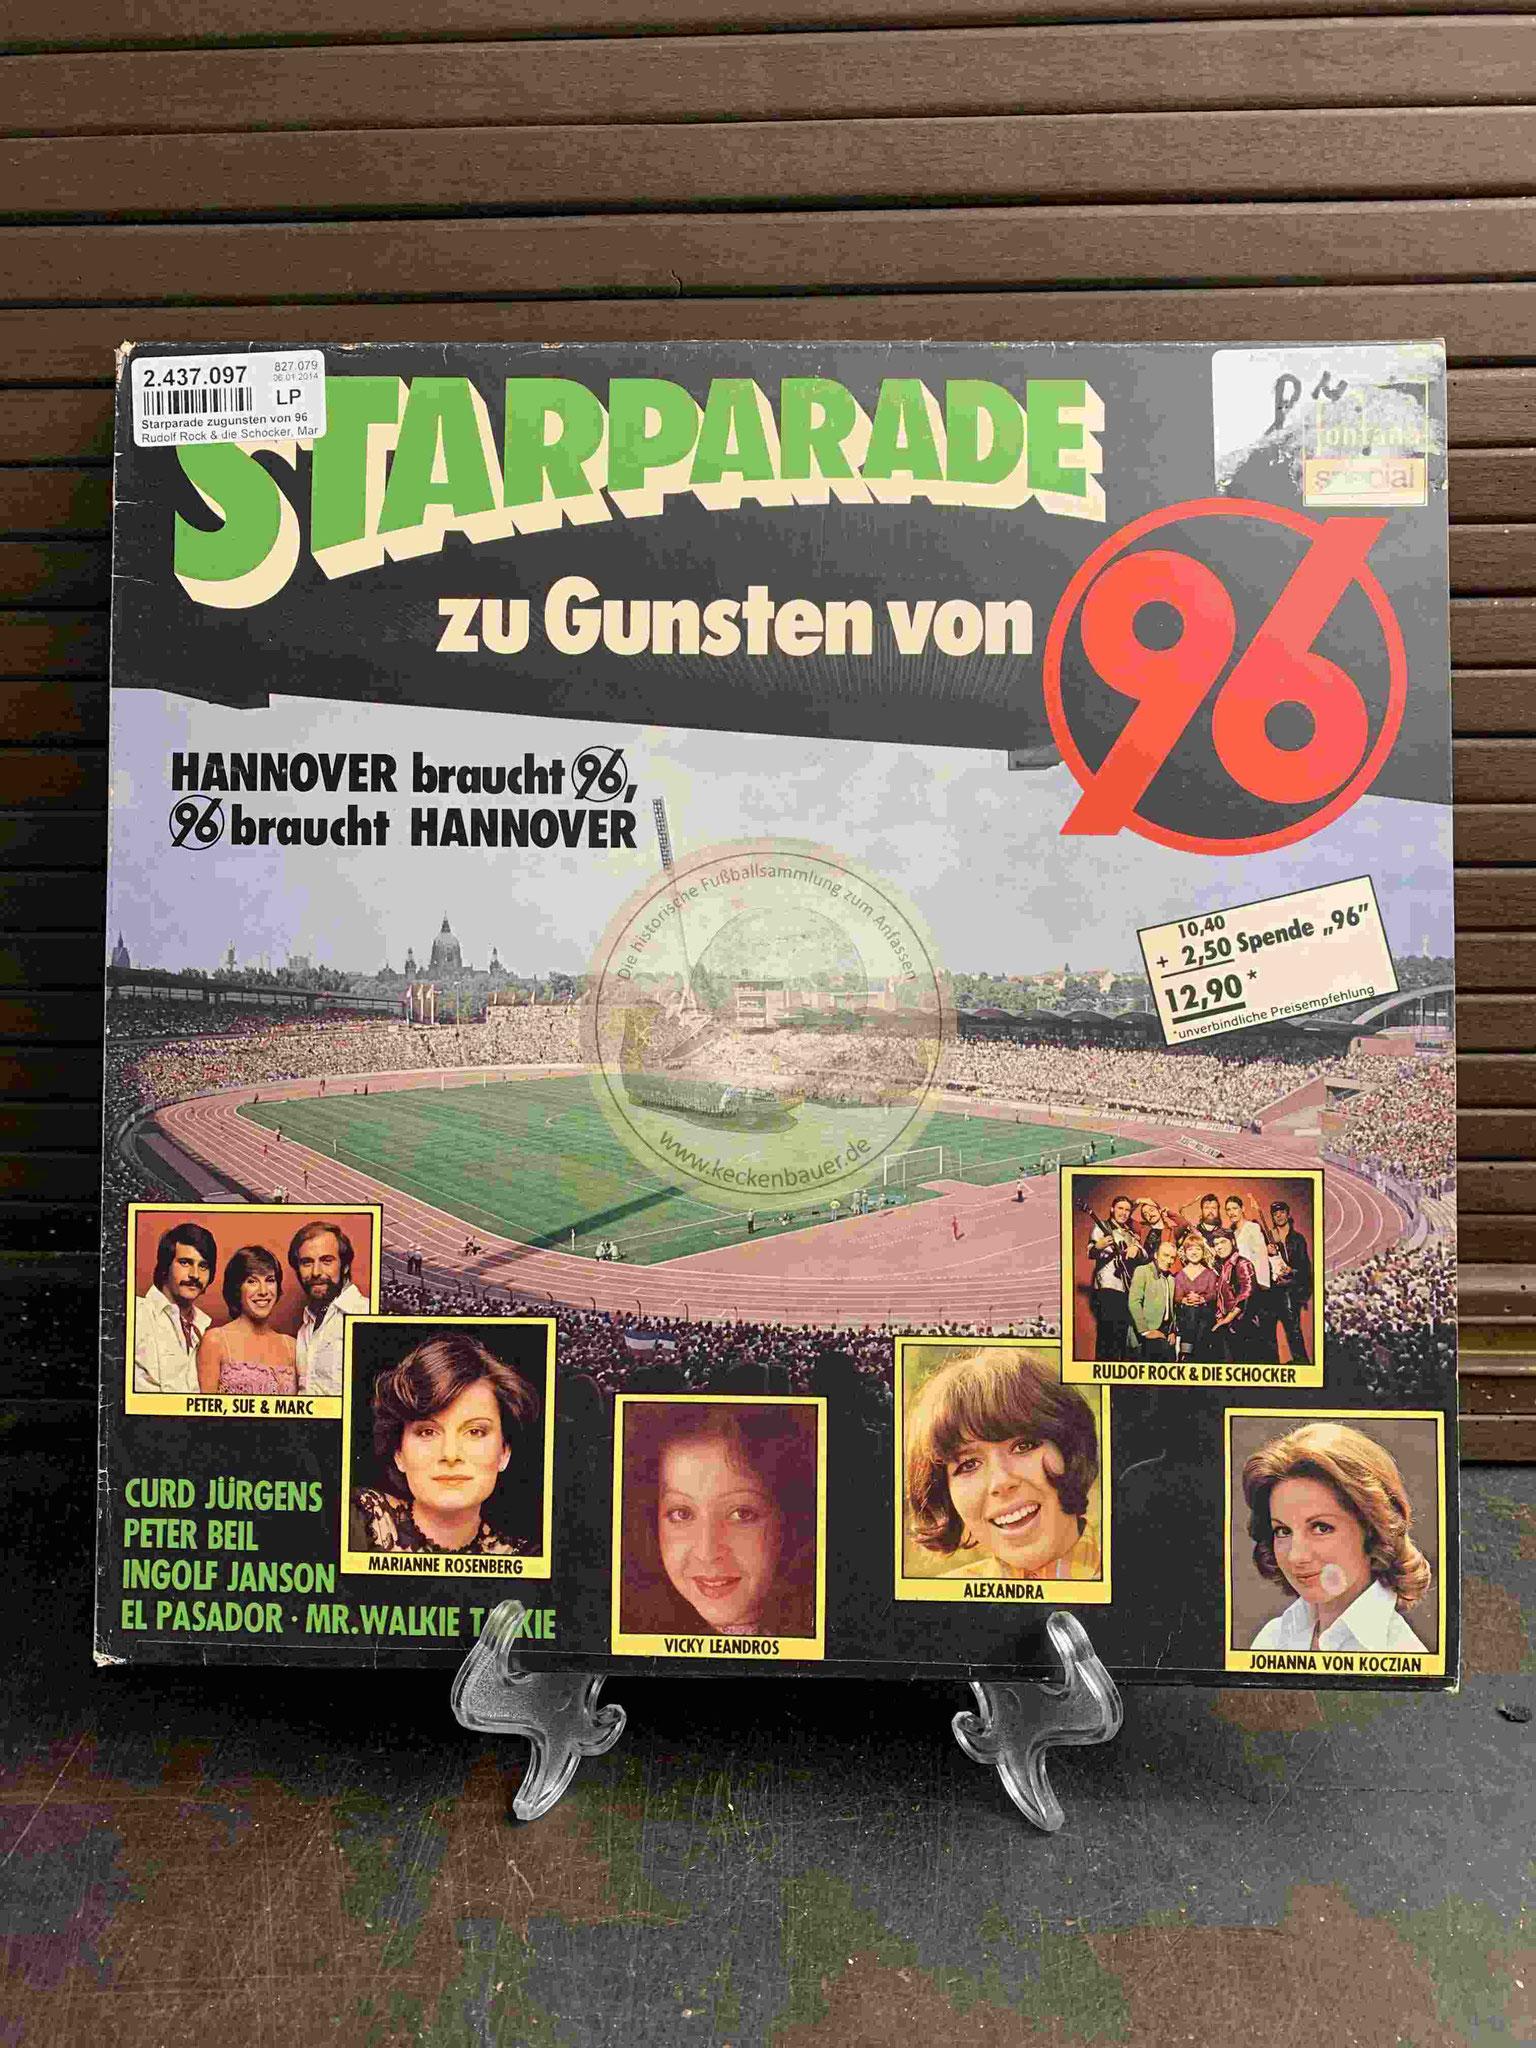 1978 Starparade zu Gunsten von 96